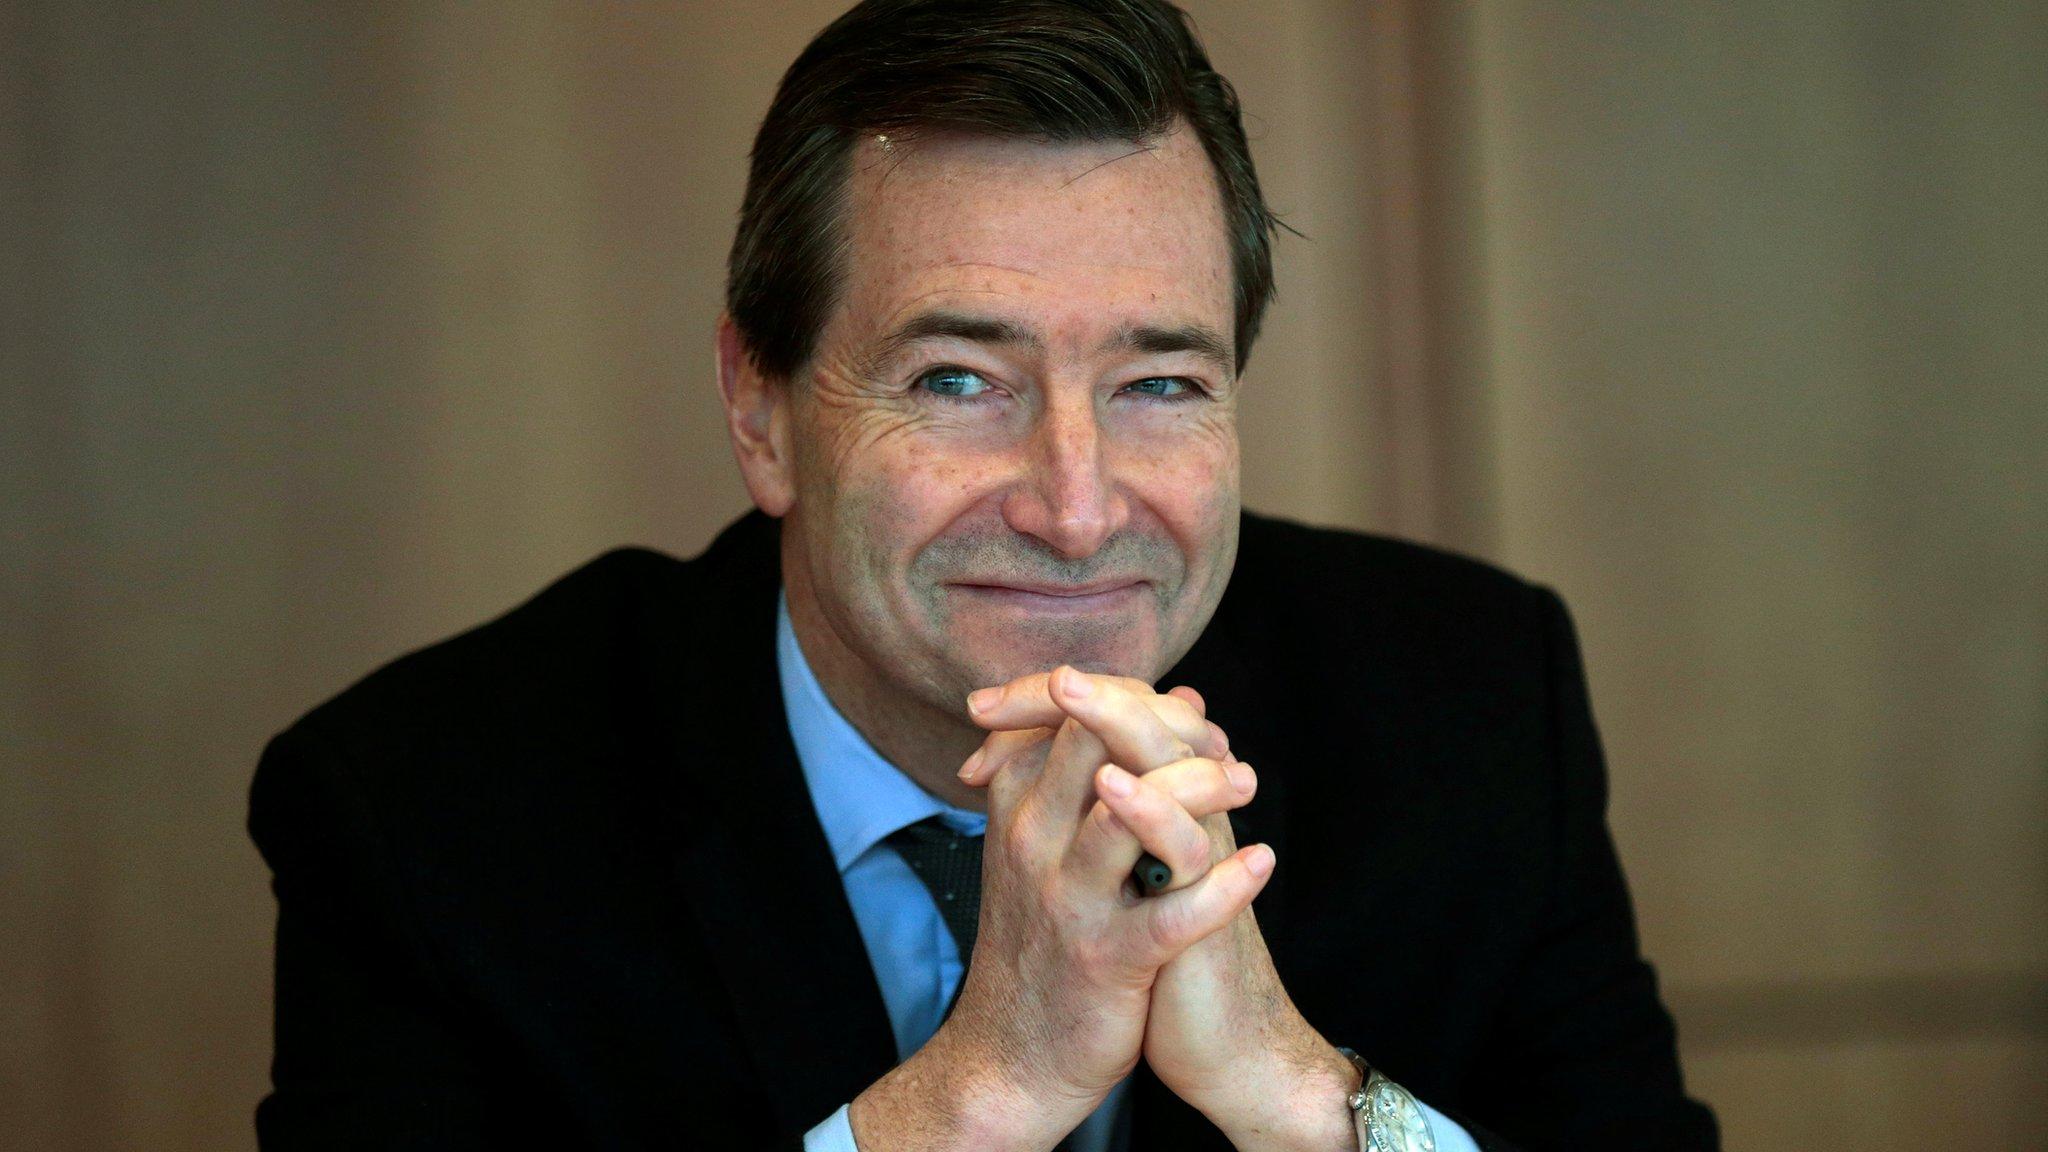 Financial Times boss returns £510,000 rise